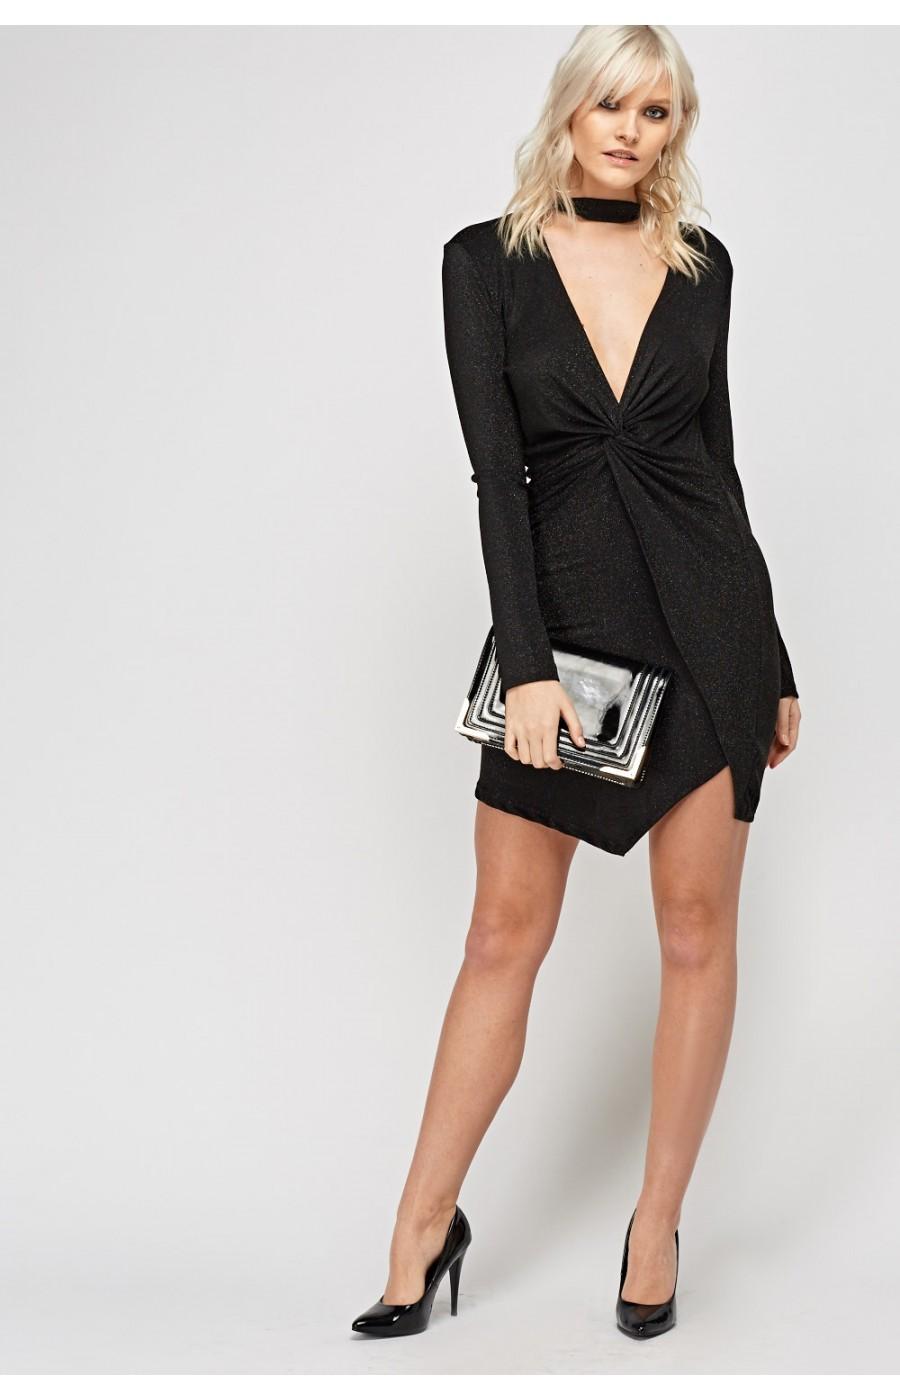 Φορεμα ελαστικο κοντο μαυρο με μανικι και τσοκερ